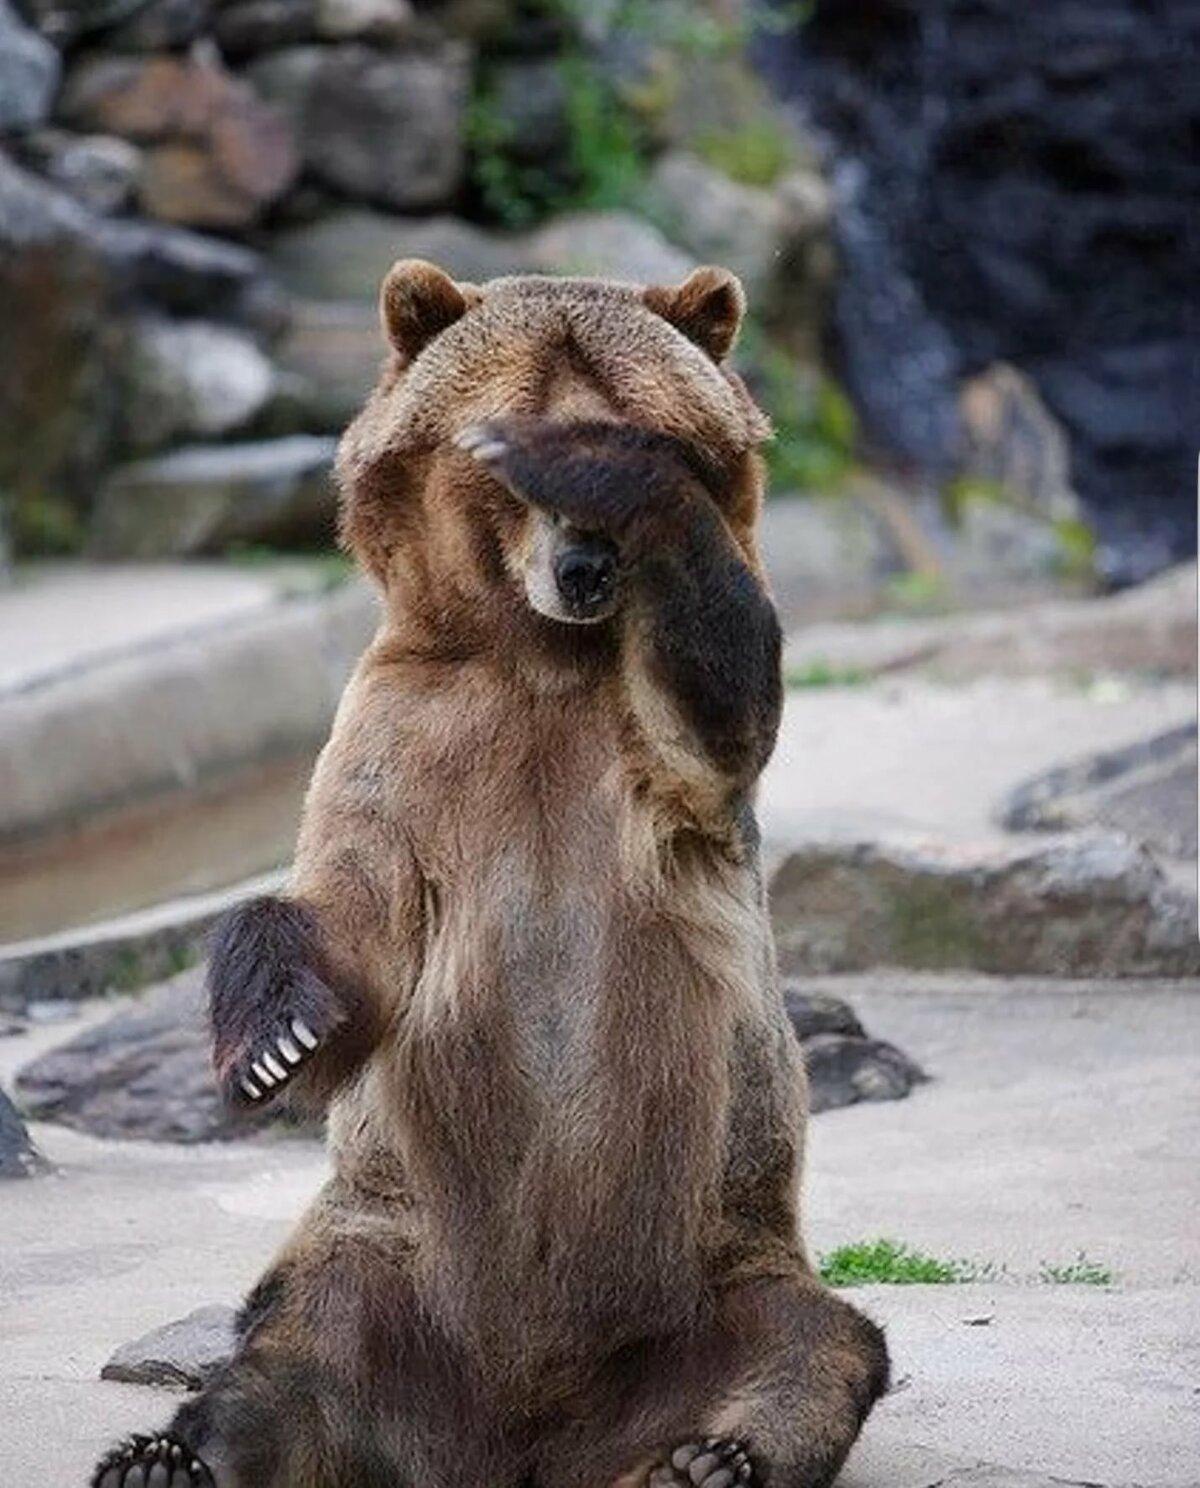 Мнение экспертов о фотосессии с бурым медведем